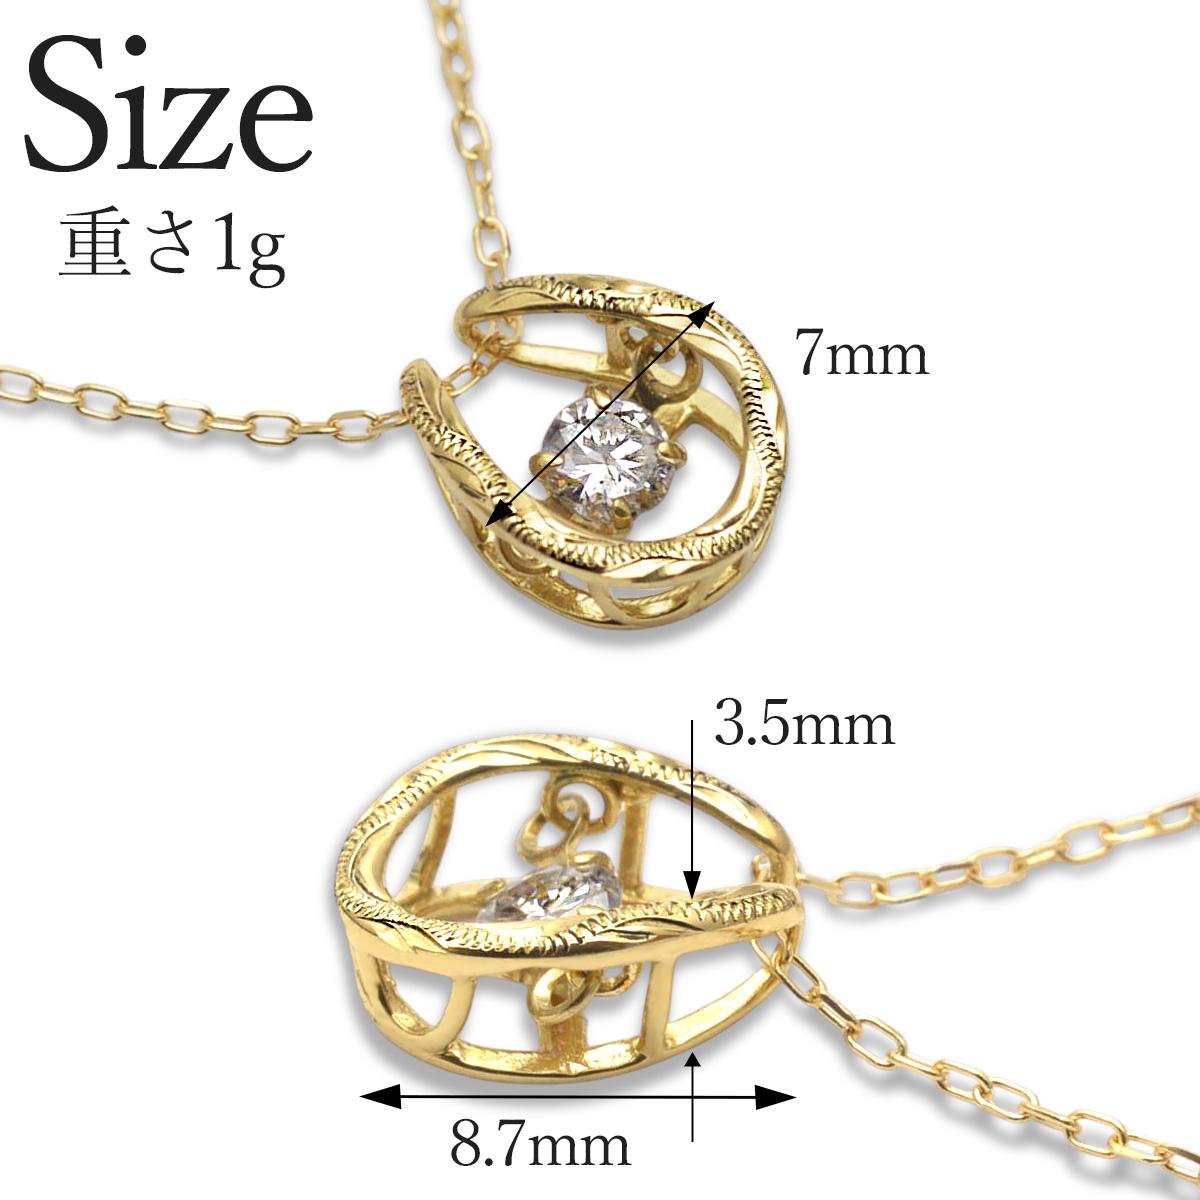 ハワイアンジュエリー ネックレス K18ゴールド ダイヤモンド 18金 ウェーブ ペンダントネックレス 0.08ct ane1637